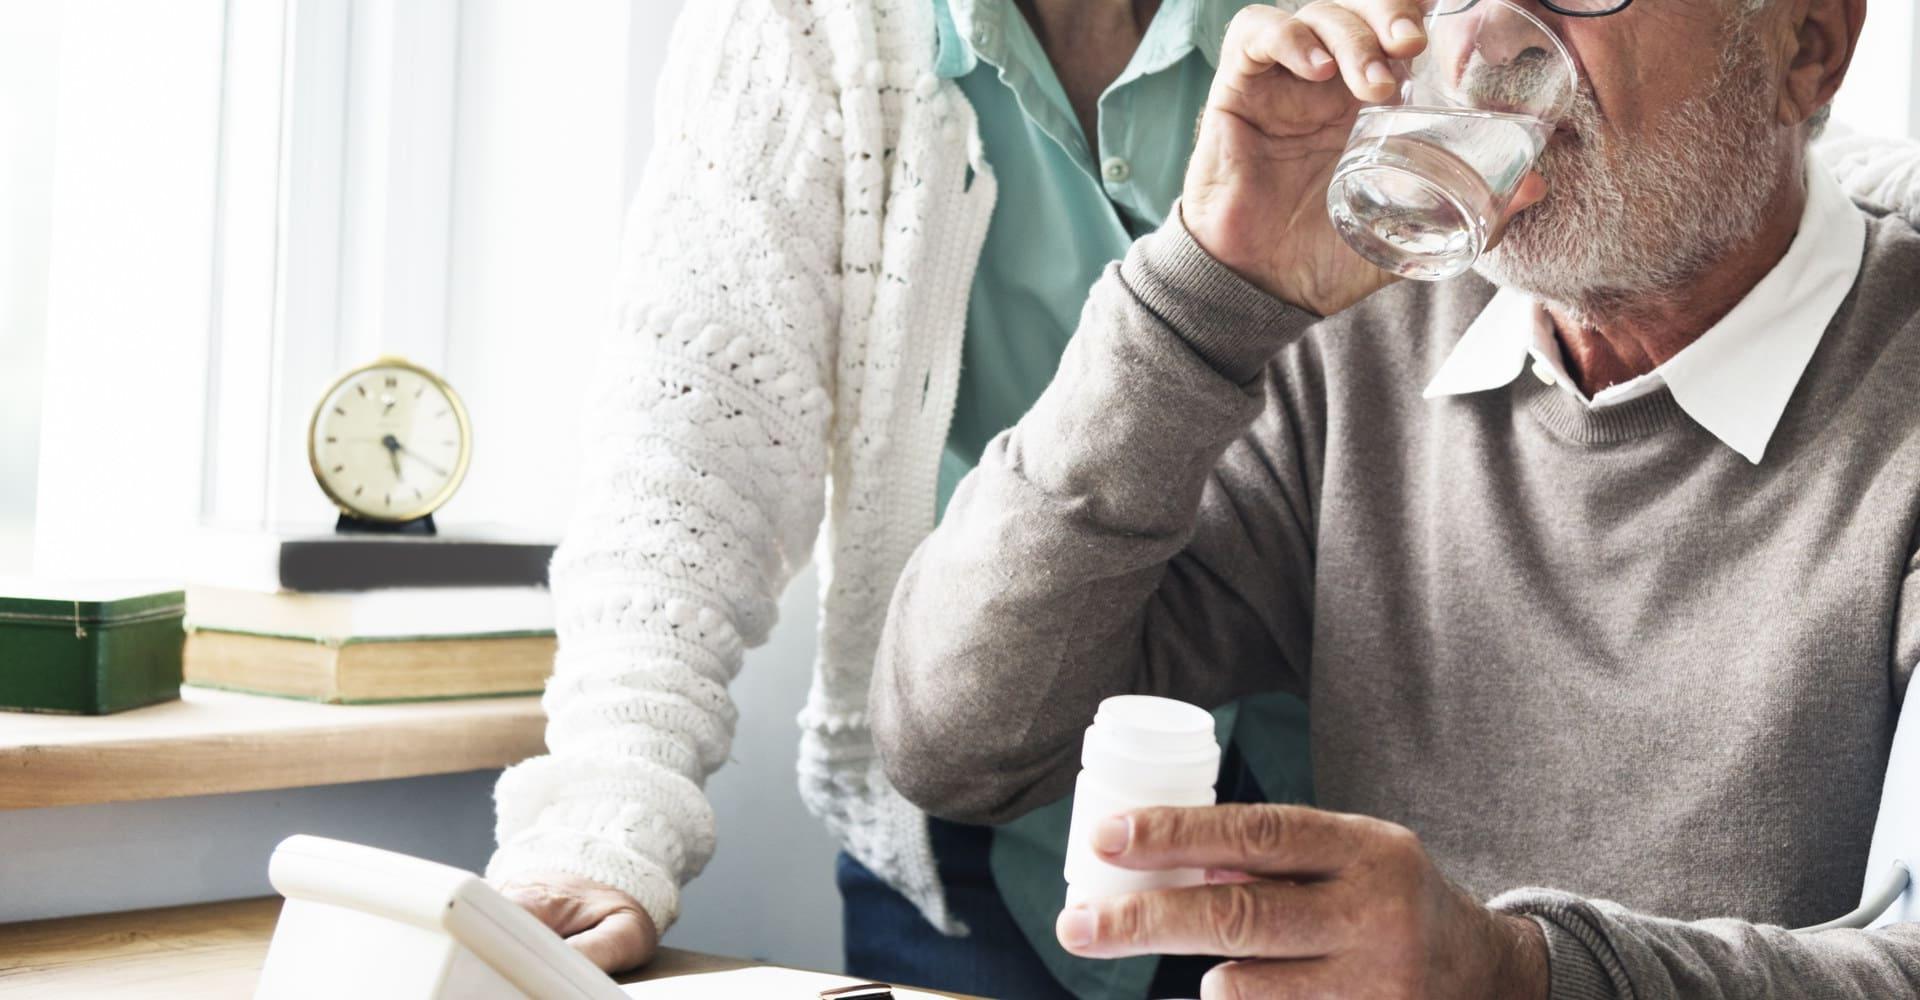 Feilmedisinering av blodfortynnende medisiner har gitt store erstatningsutbetalinger